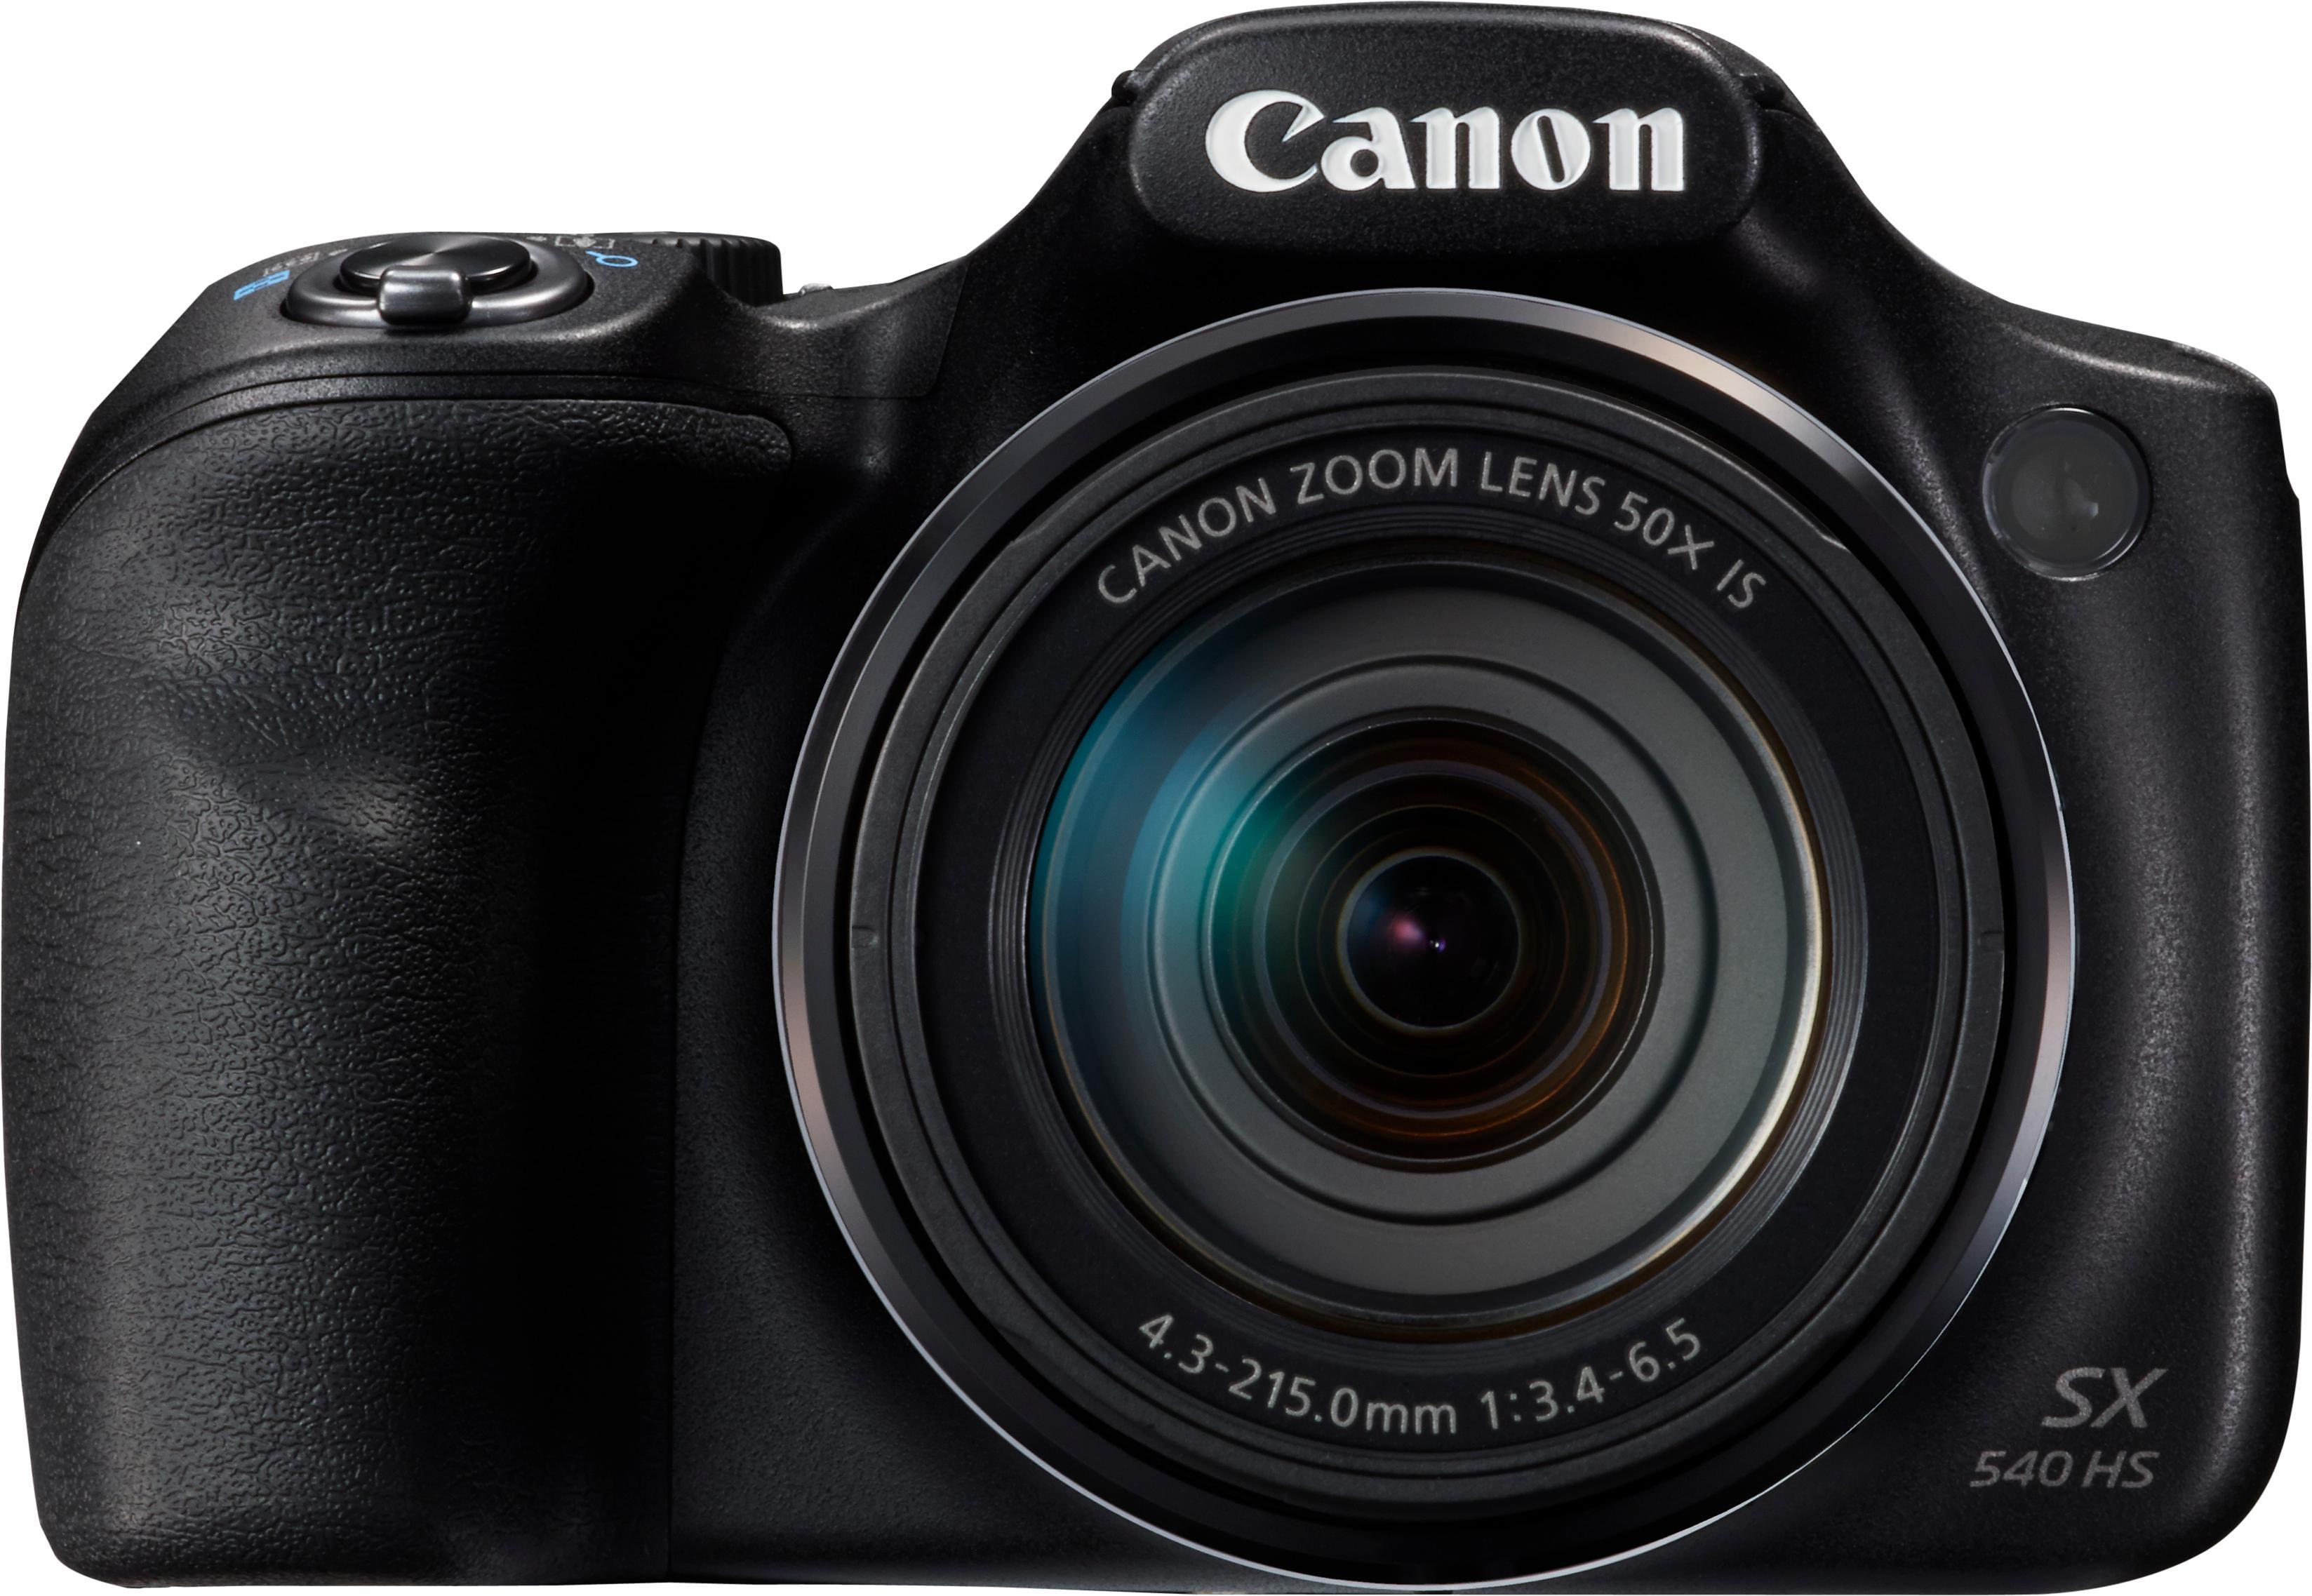 Canon superzoomcamera PowerShot SX540 HS PictBridge-ondersteuning goedkoop op otto.nl kopen